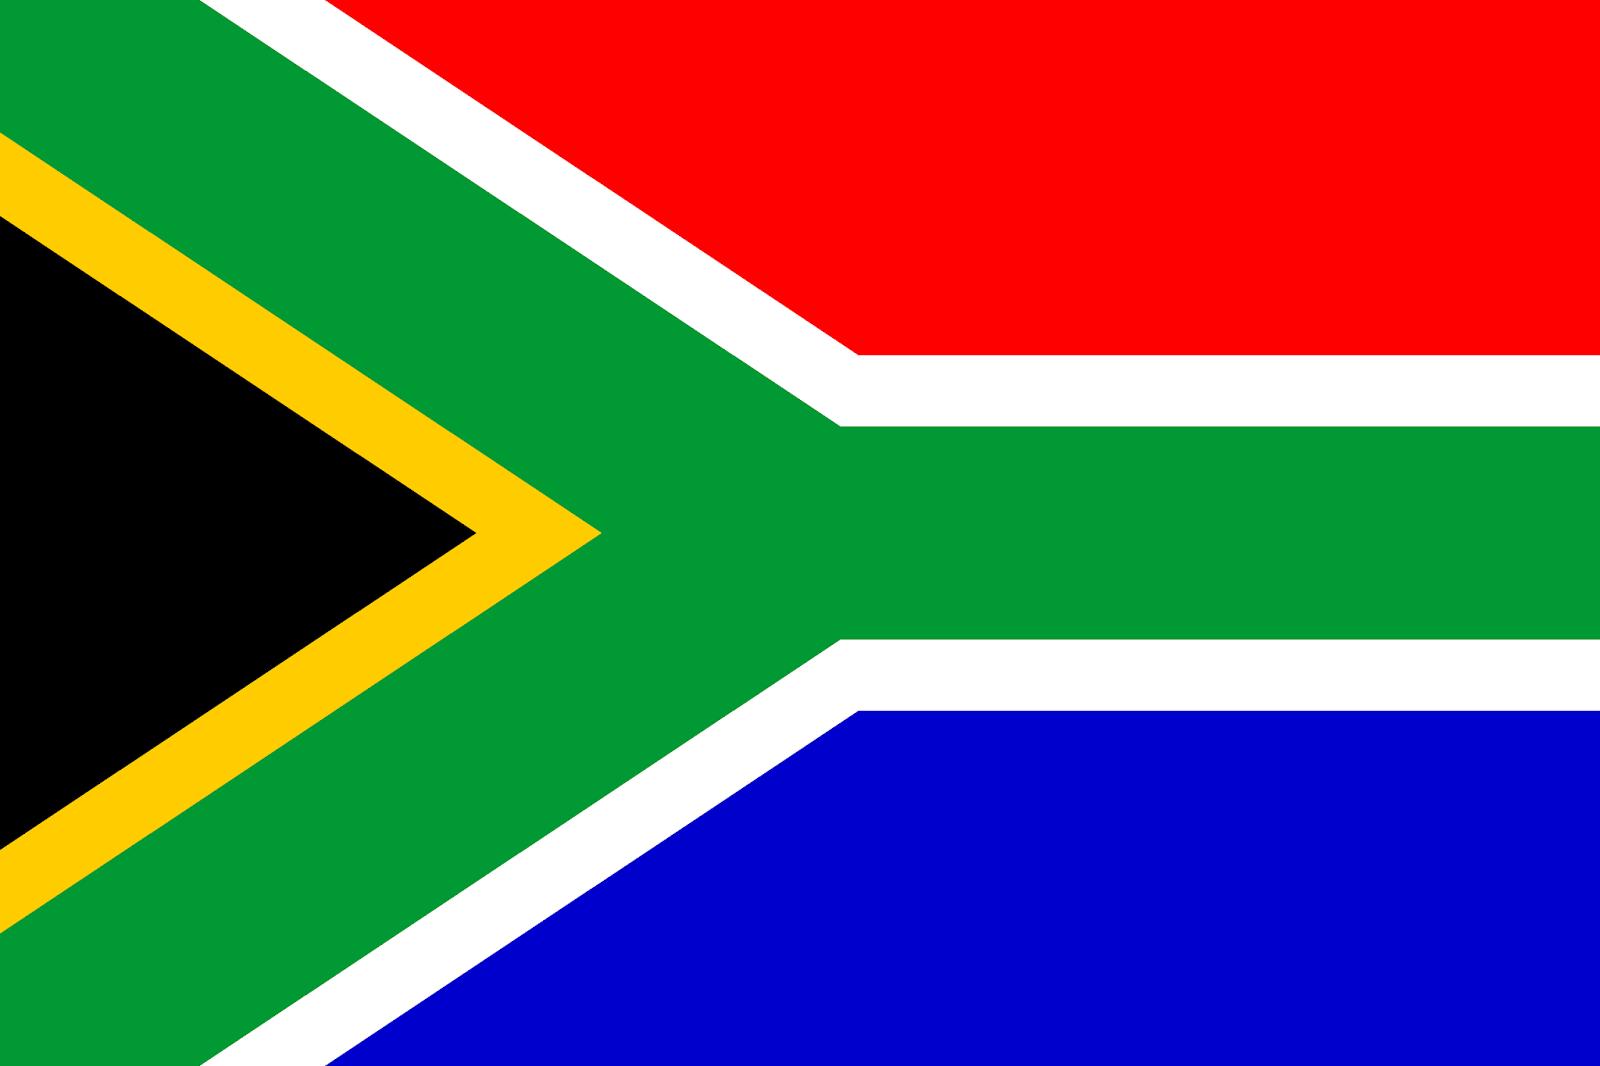 Dating south africa johannesburg Ονειροκριτης στρατιωτικα αυτοκινητα